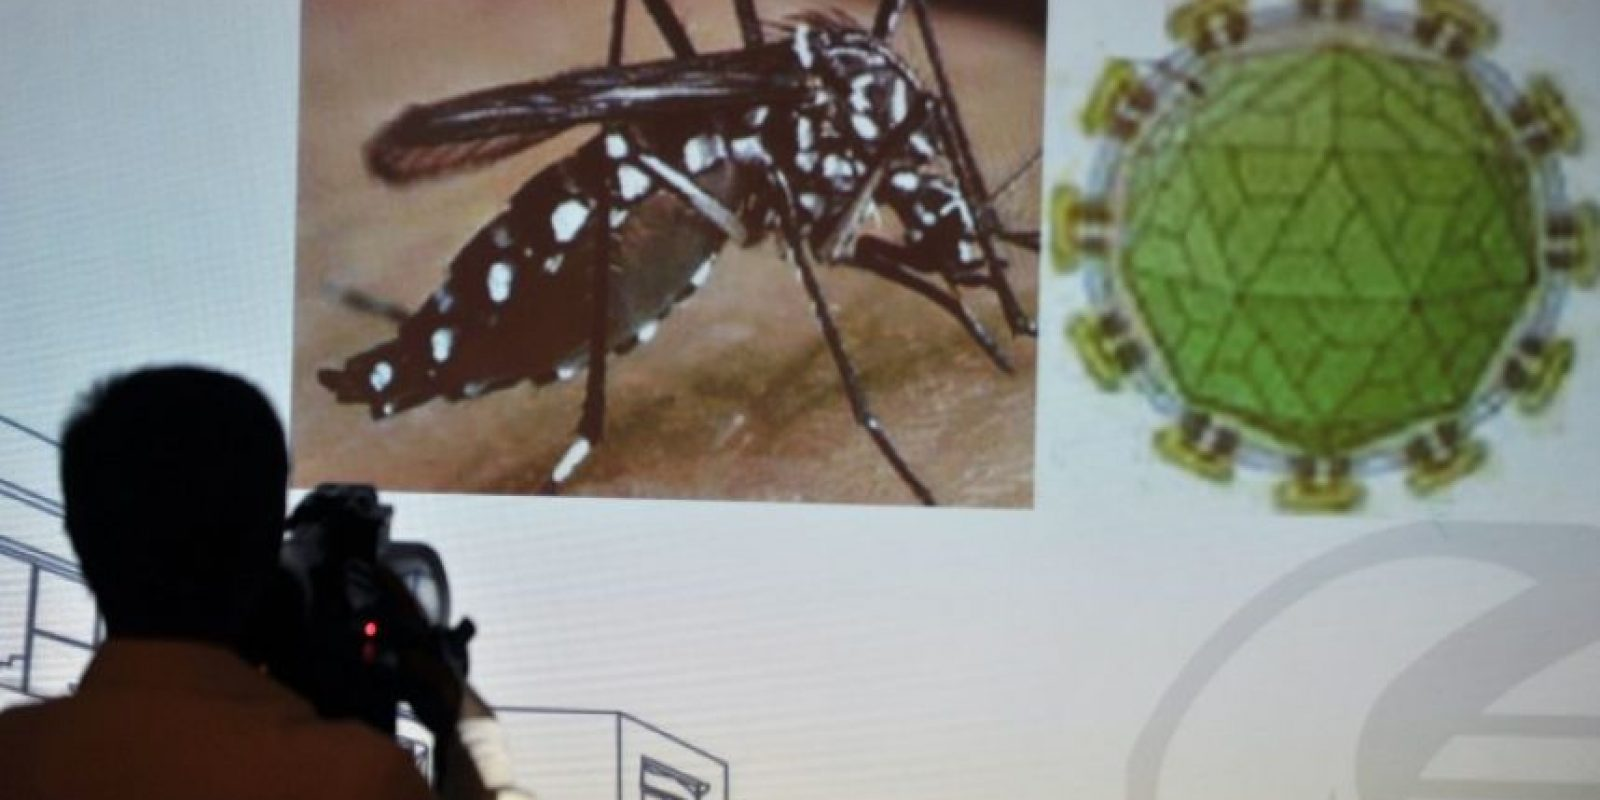 Expertos llamaron a erradicar los criaderos de mosquitos para evitar la propagación del Zika. Foto:AFP